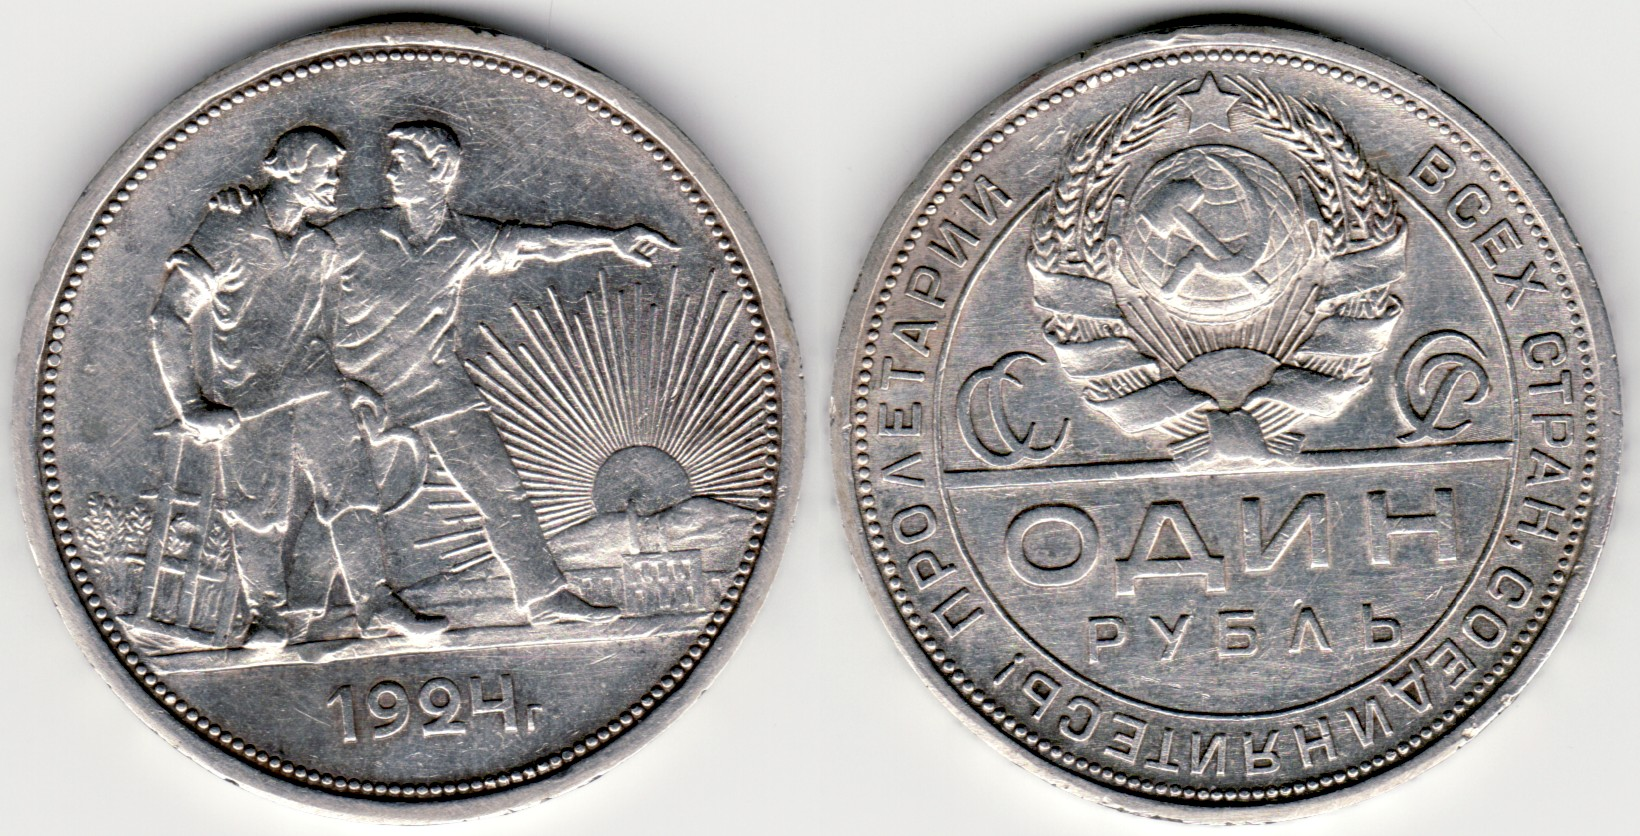 Монеты СССР: стоимость в гривнах на 2017 год